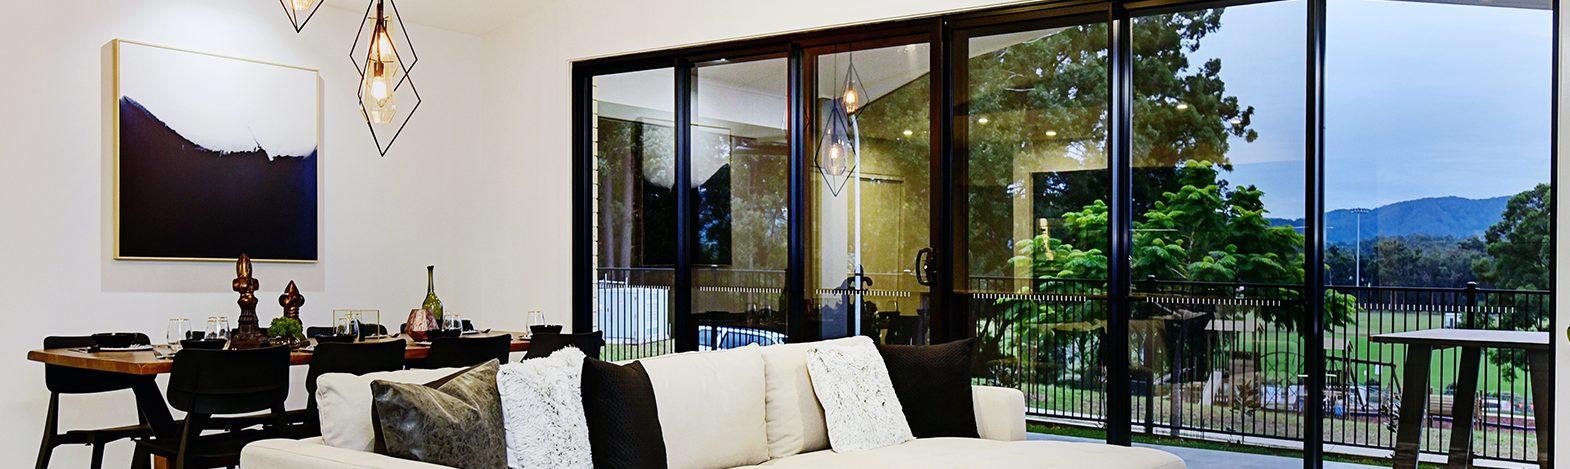 Luxury Family Home